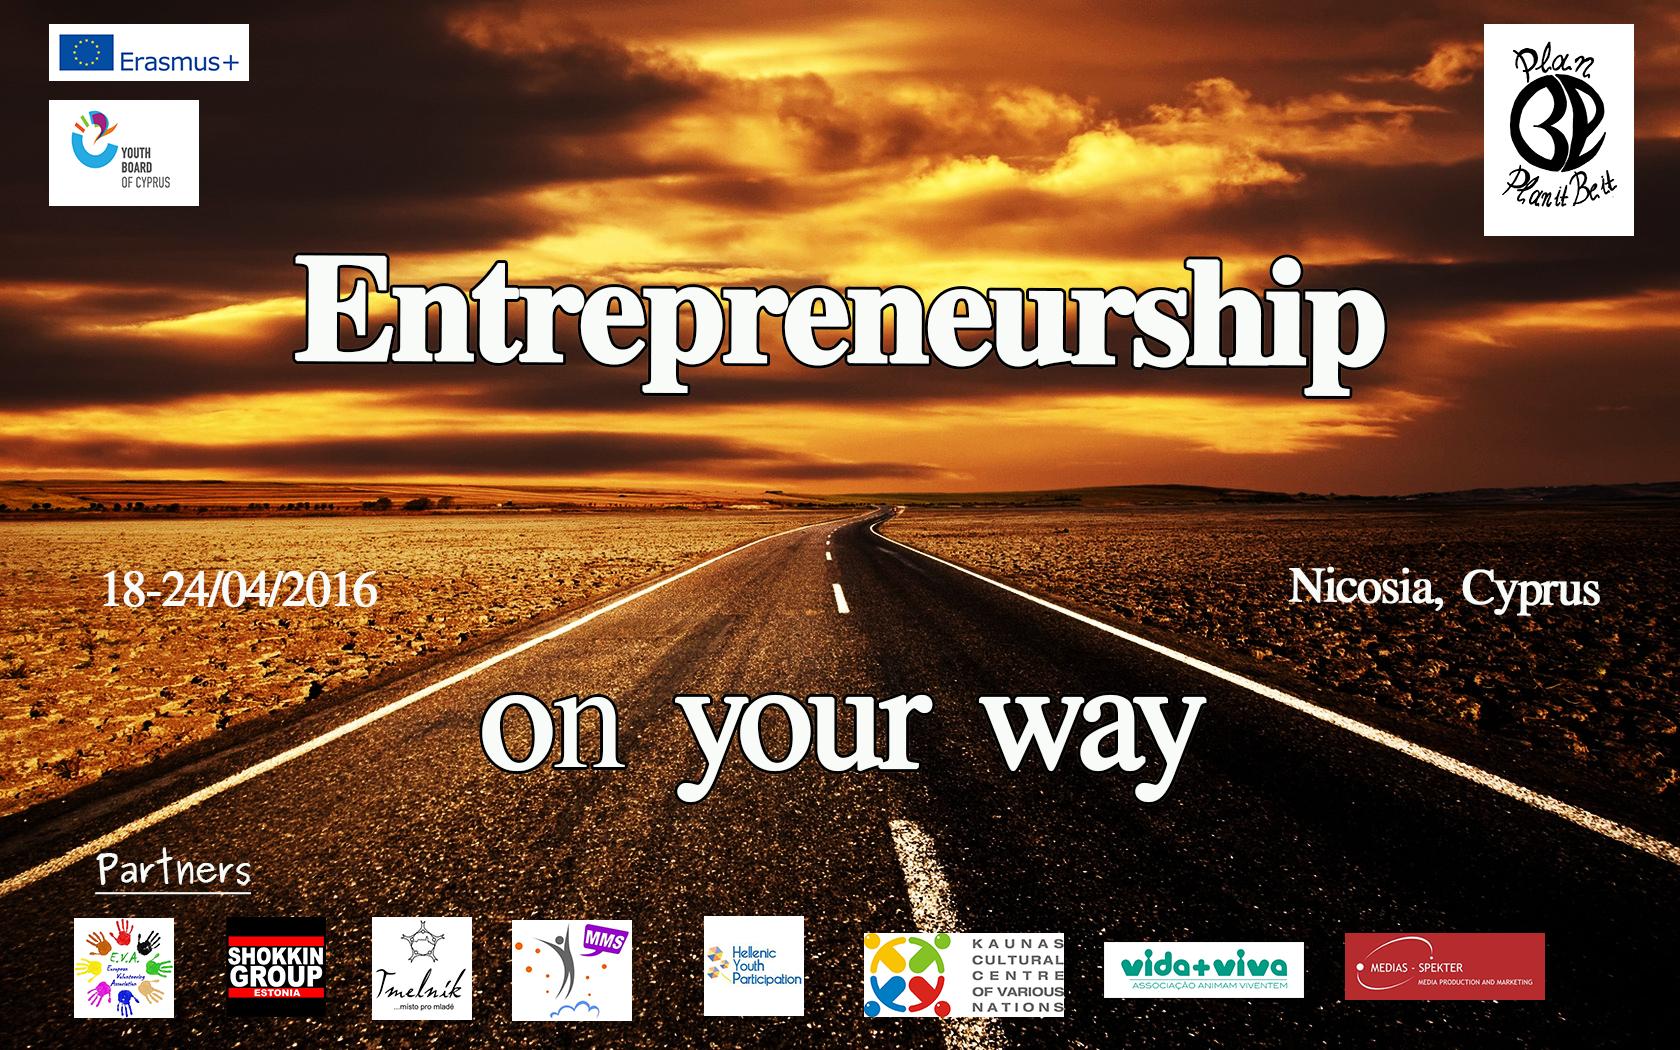 Entrepreneurship on your way